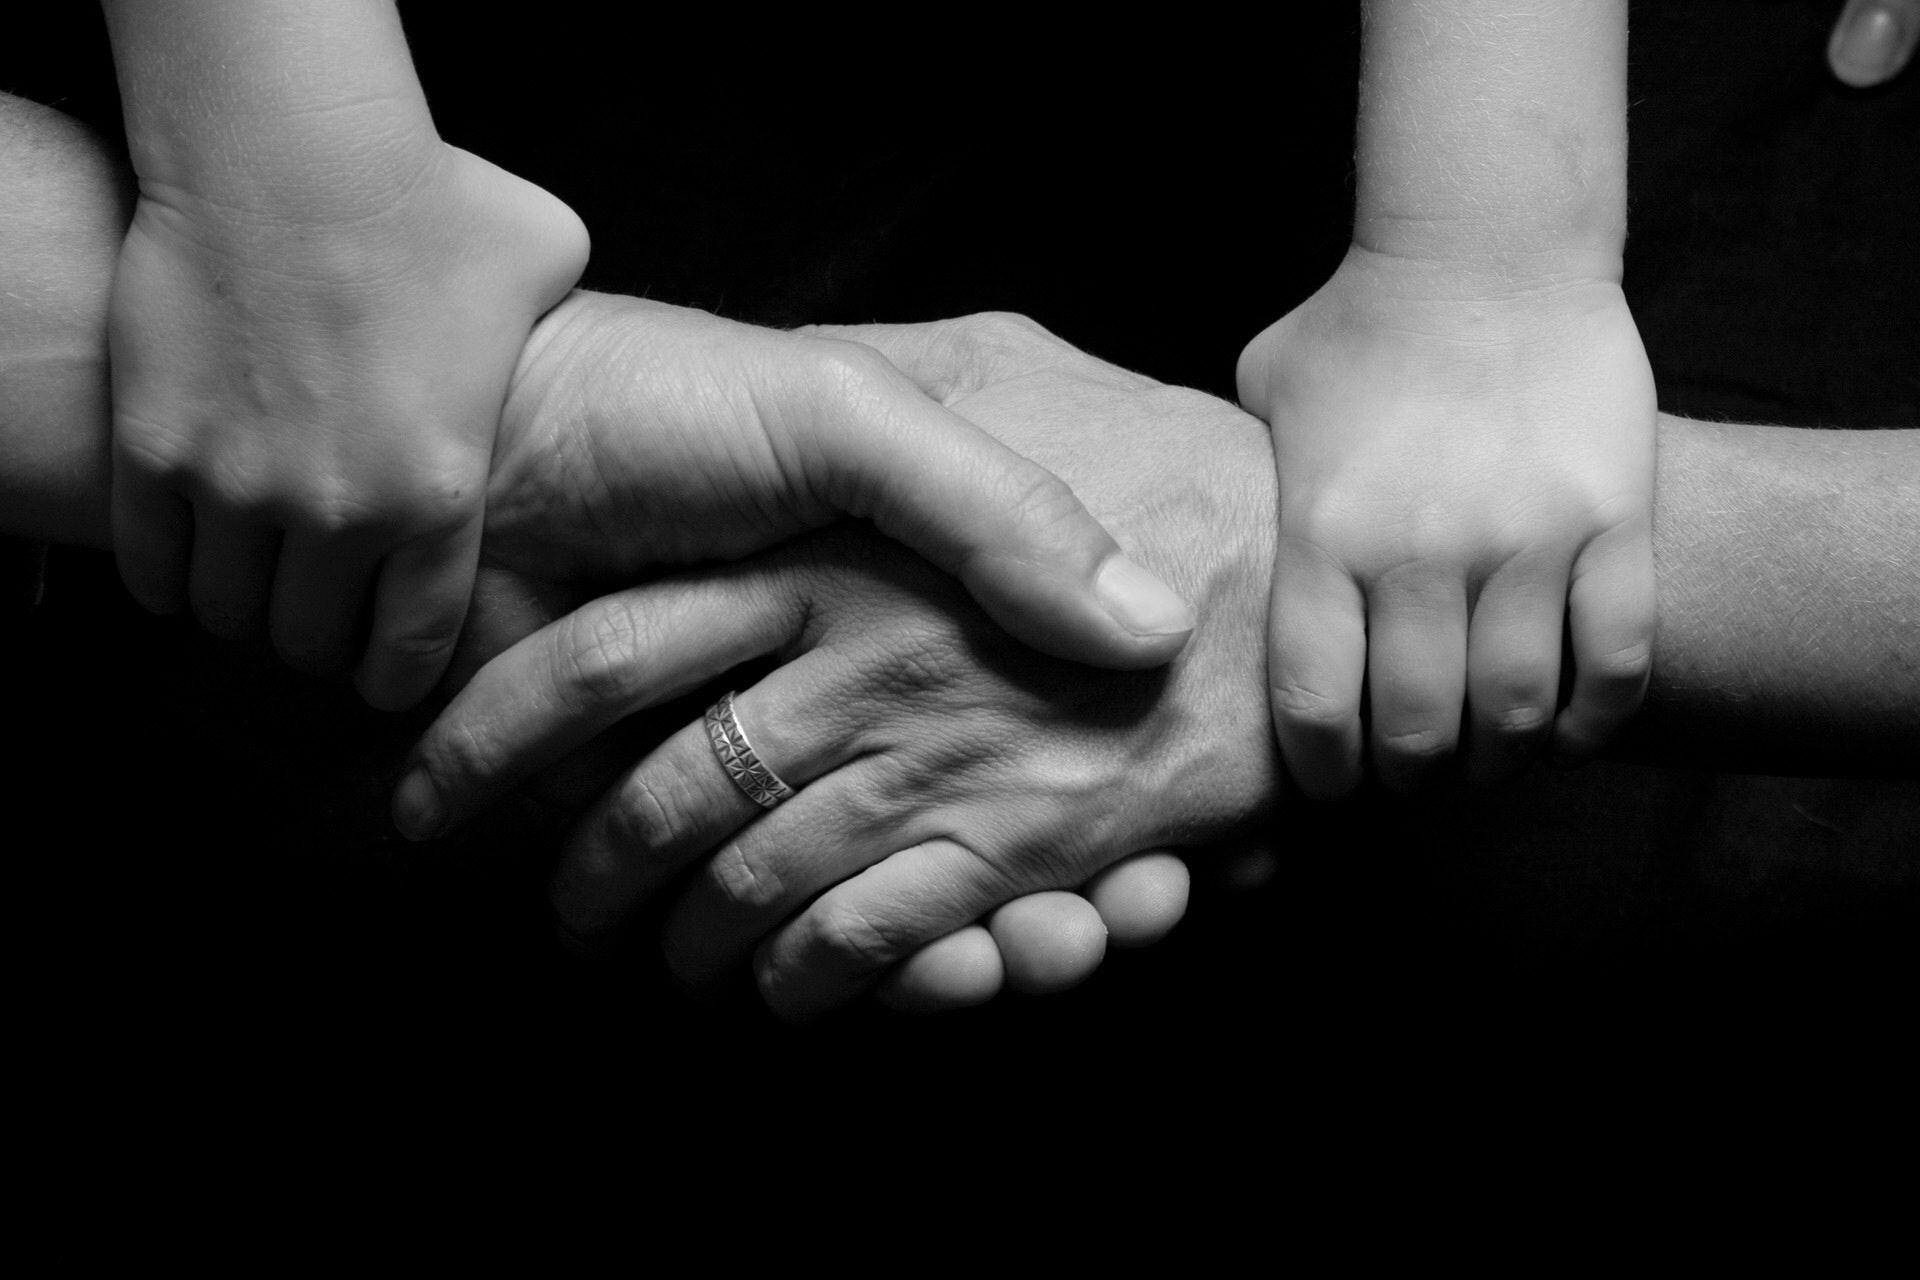 Olika generationer håller varandras händer